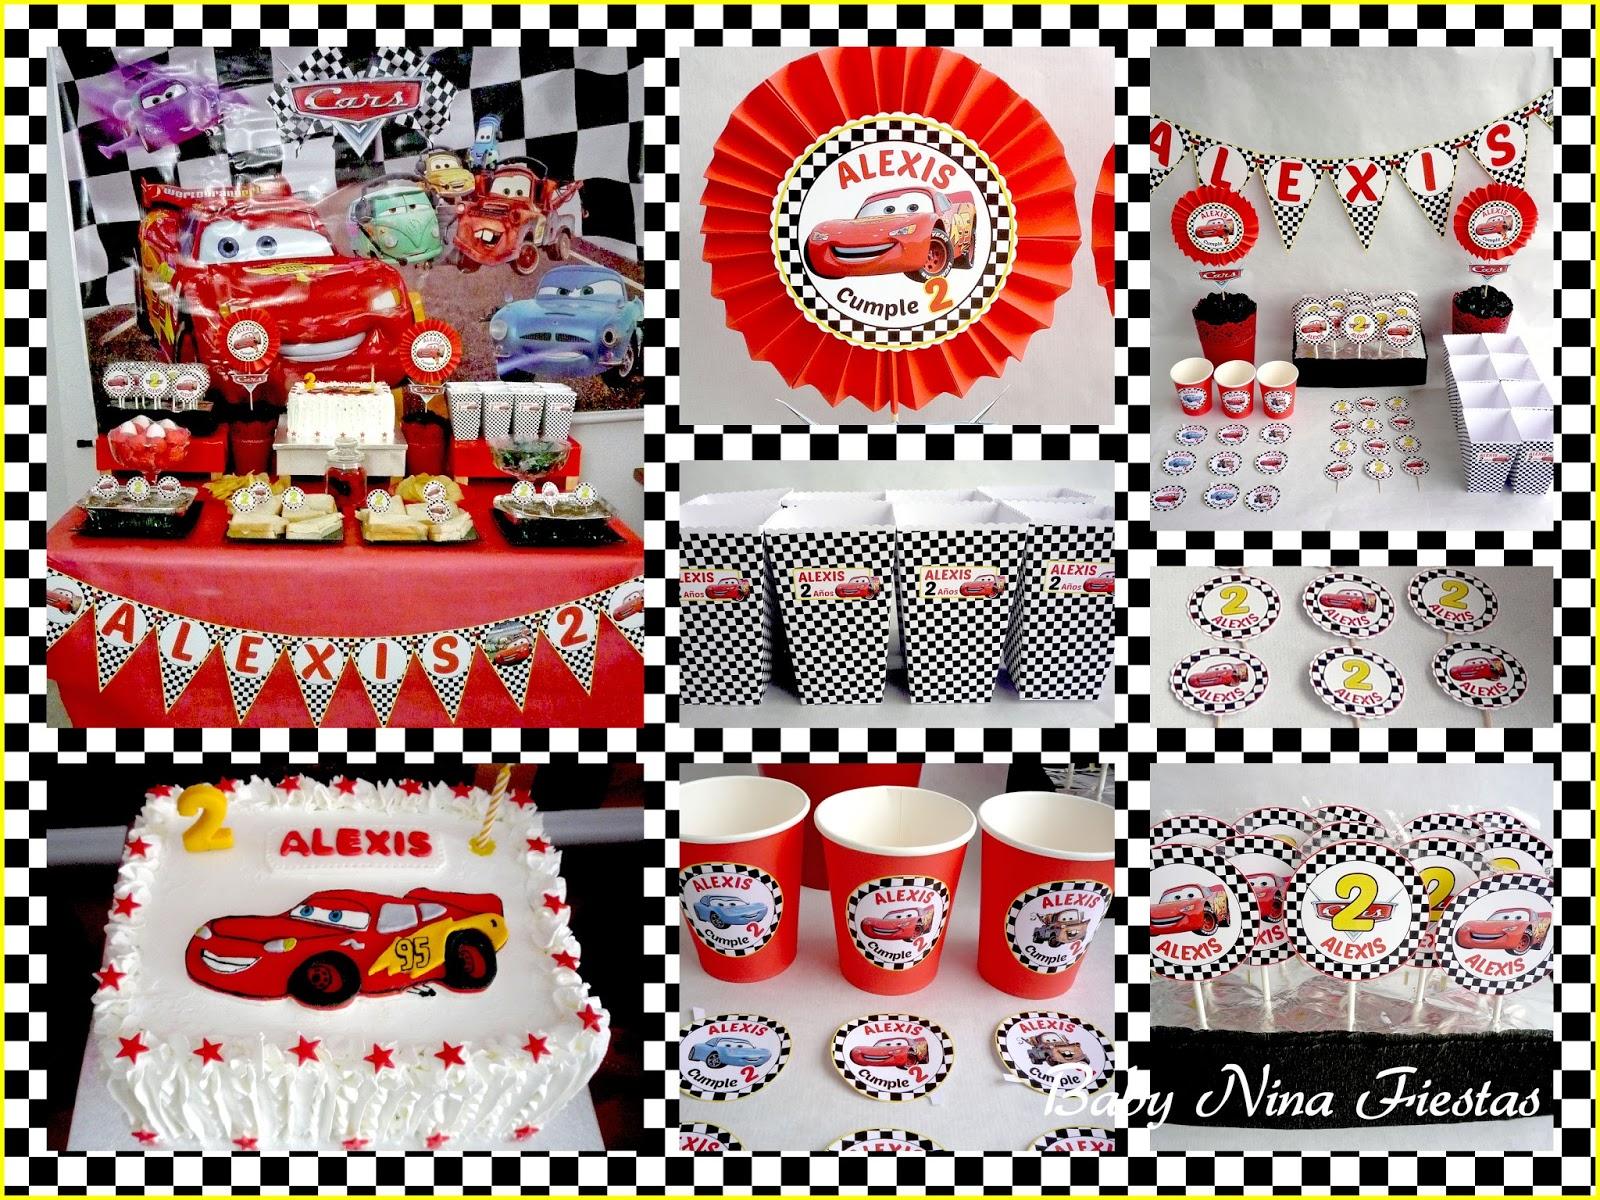 Baby nina fiestas mesa dulce y kit personalizado cars - Decoracion chuches para cumpleanos ...